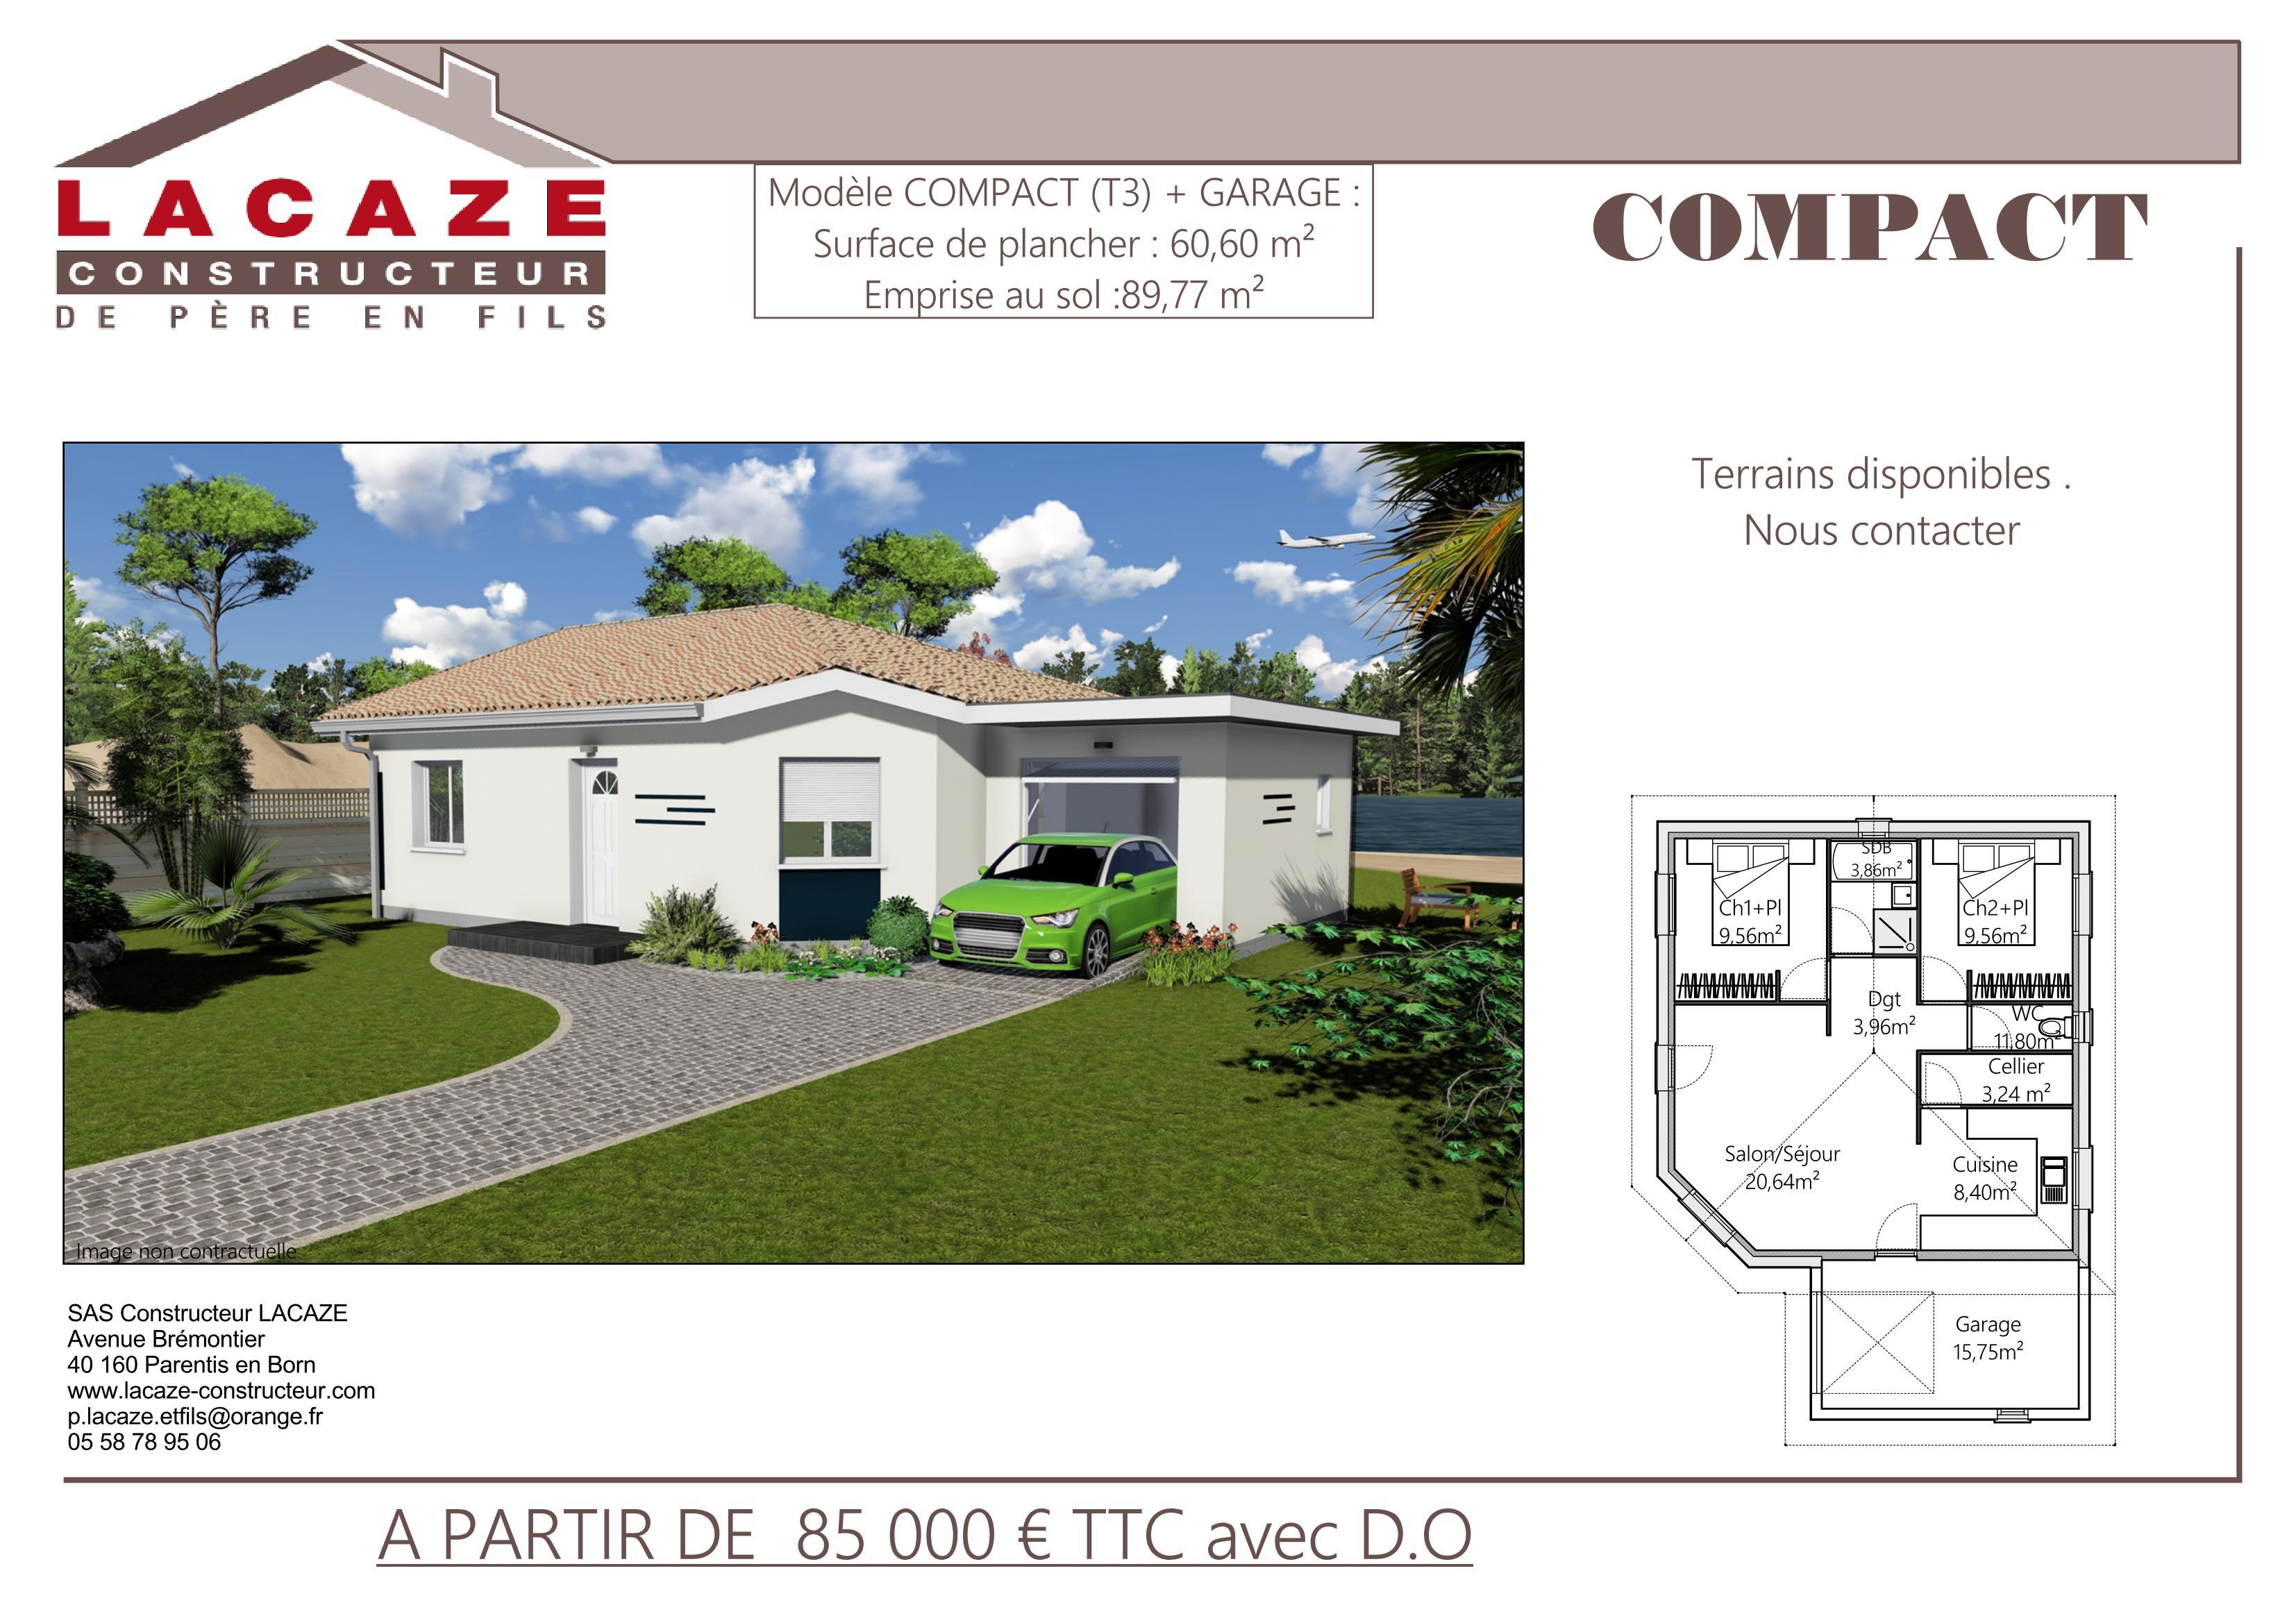 Maison individuelle, plan et dessin.